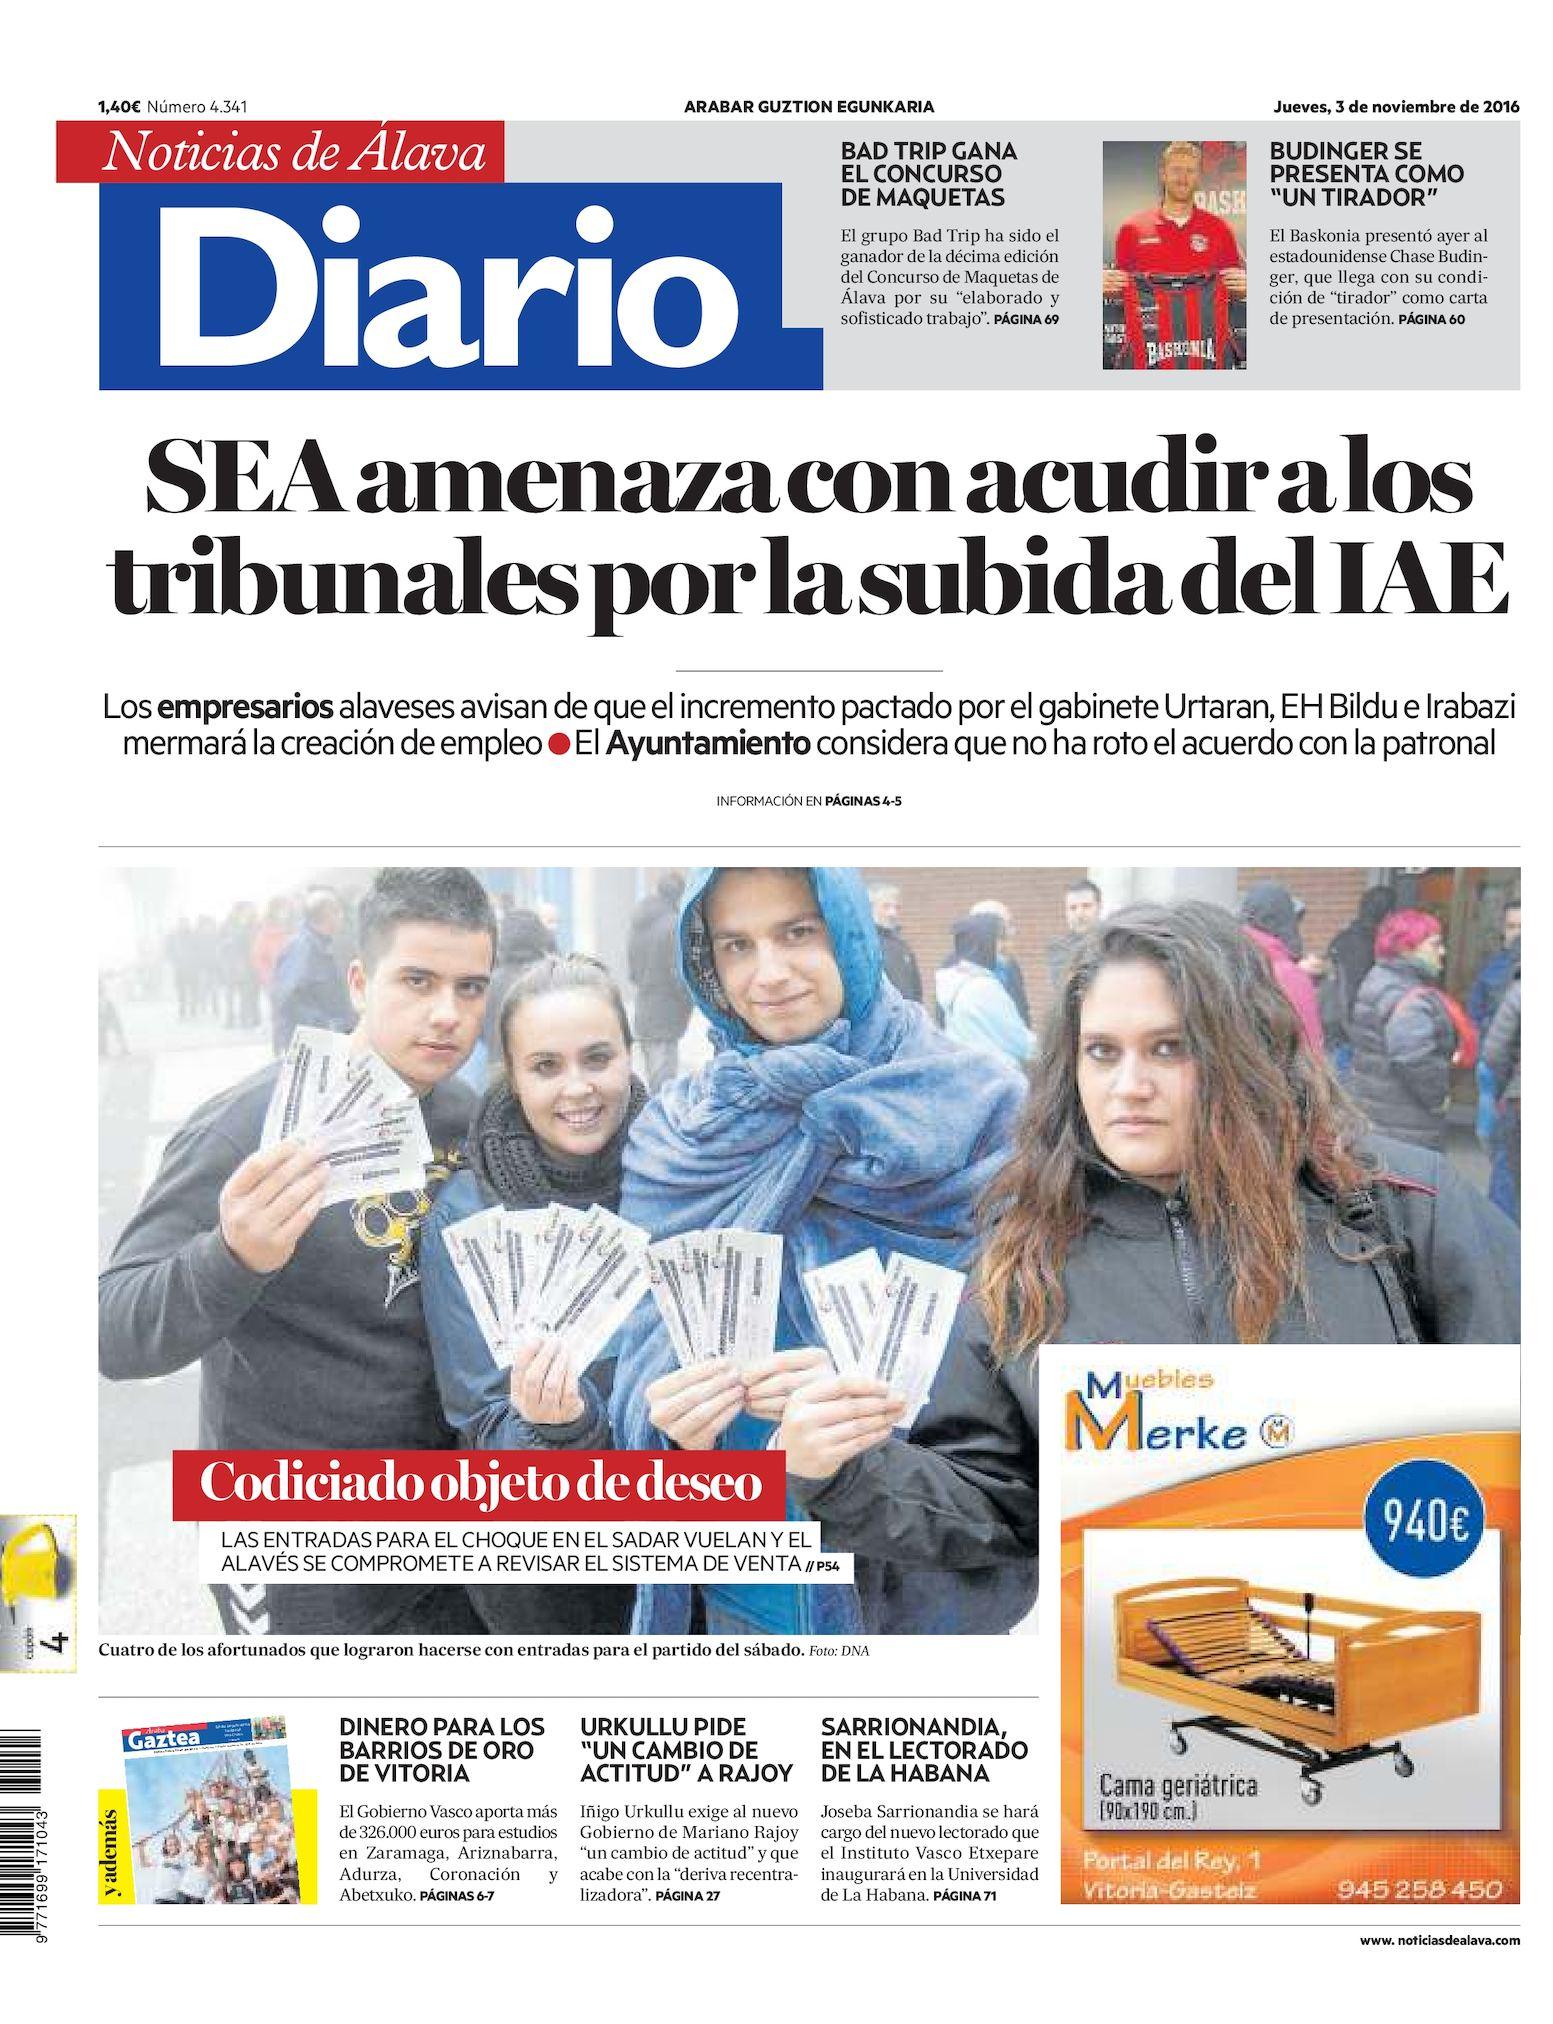 best service d9da6 cd9c7 Calaméo - Diario de Noticias de Álava 20161103